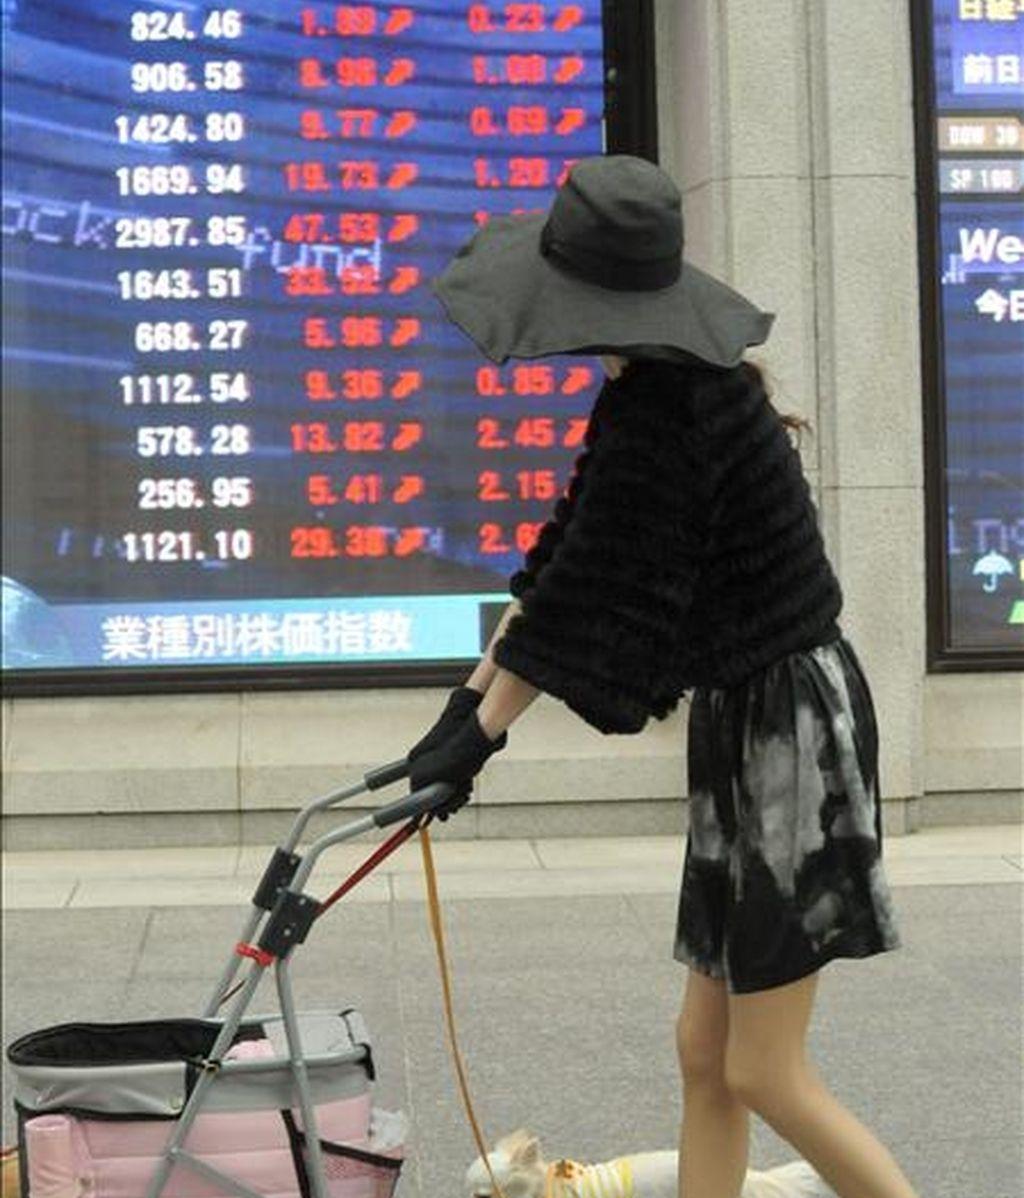 Una mujer camina frente a un tablero electrónico con los ínidices de la bolsa de Tokio. EFE/Archivo